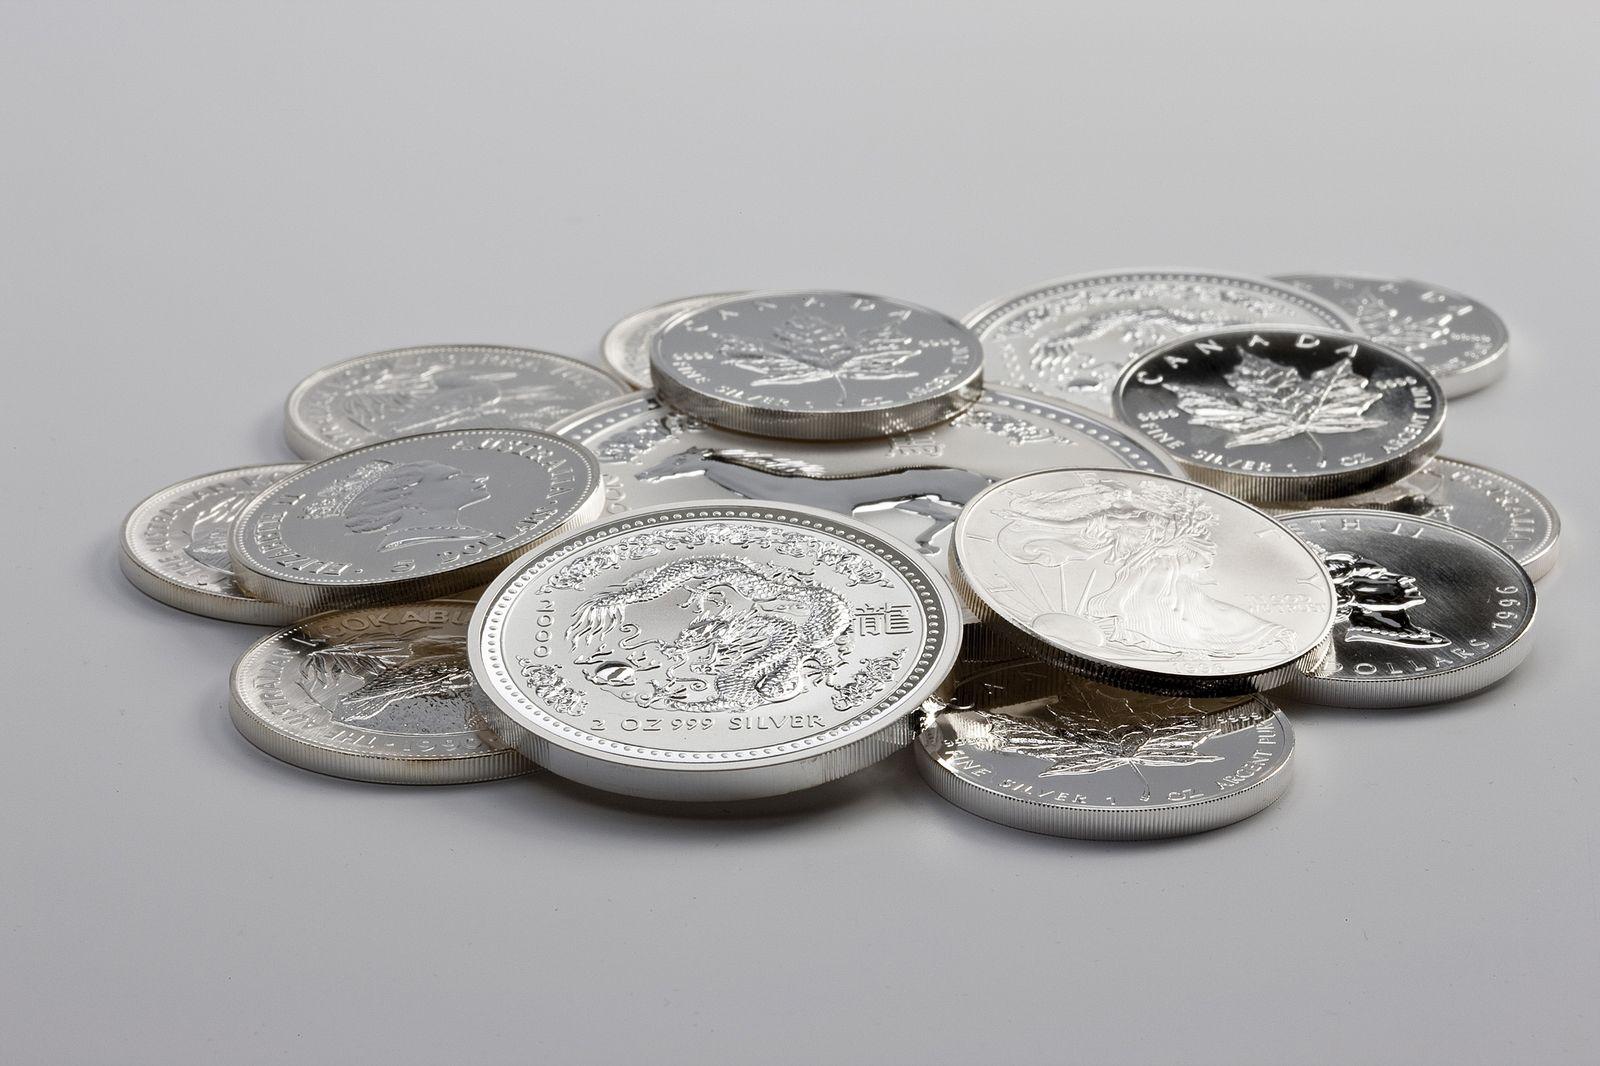 Silber / Silbermünzen / Münzen